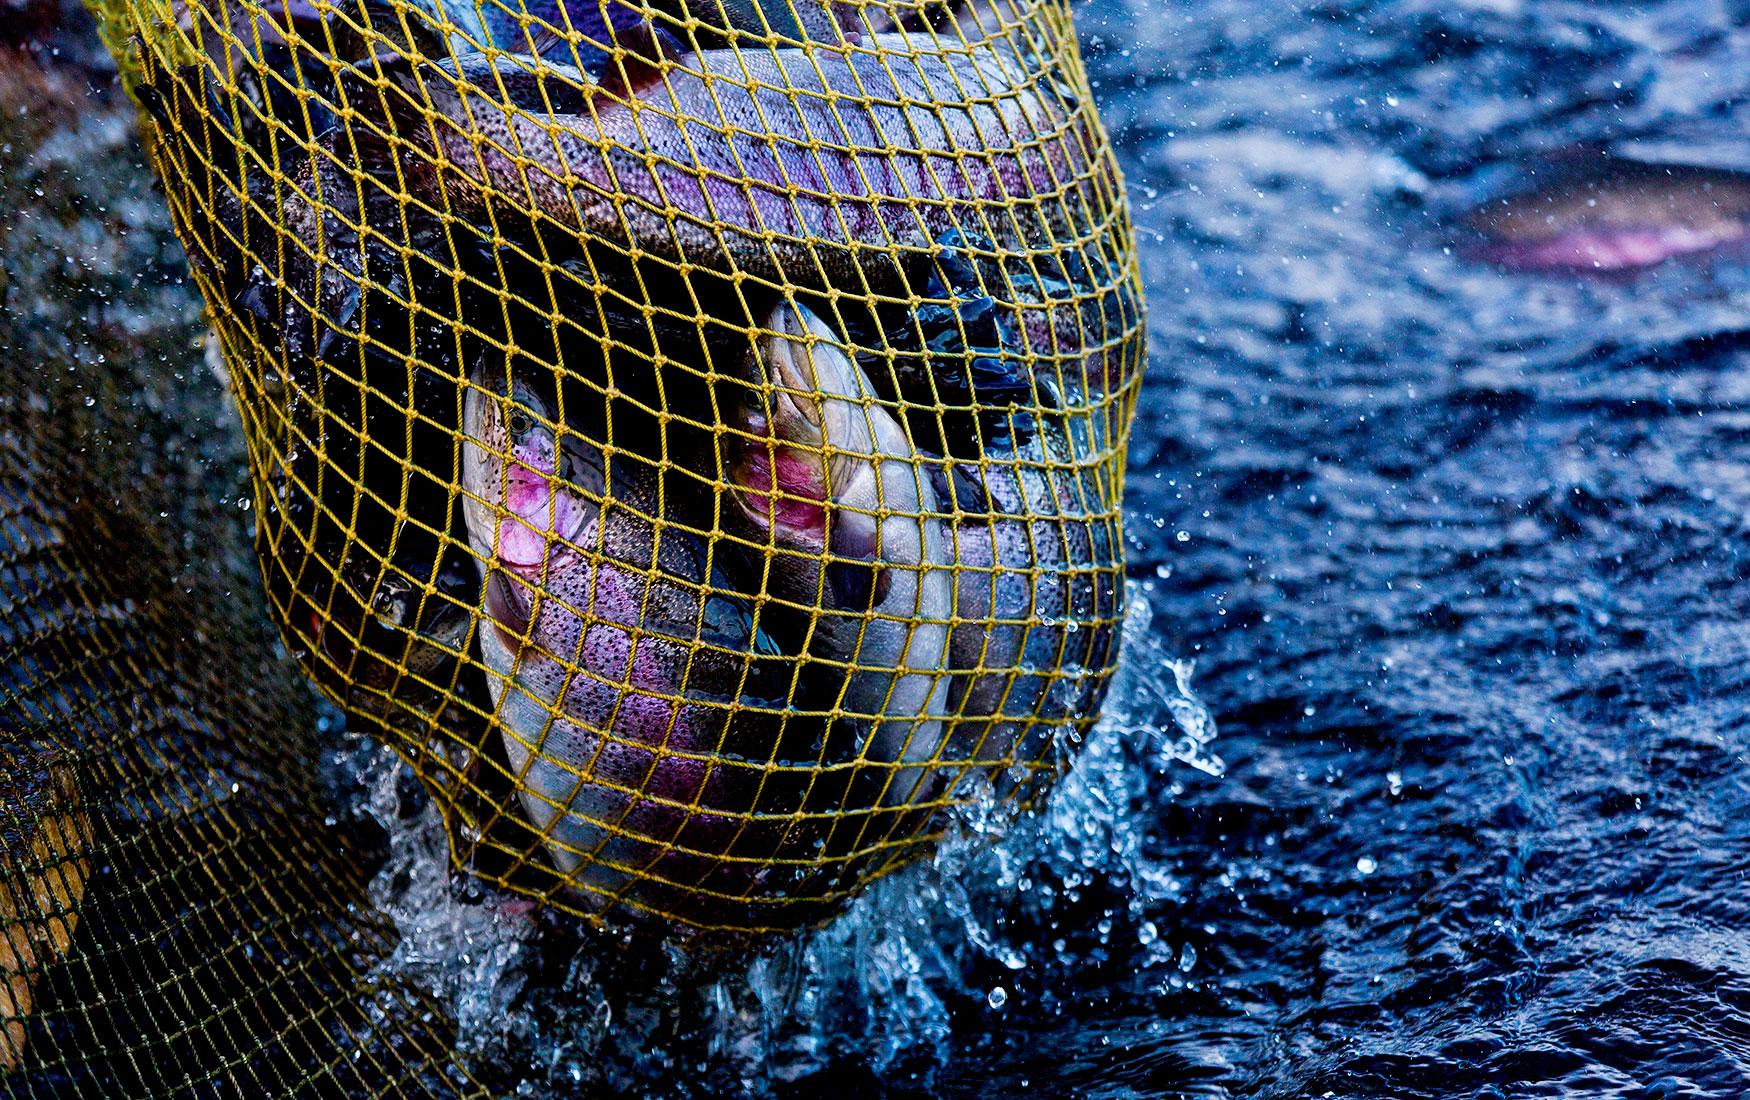 Китайский берег. Как программа рыбного импортозамещения уплыла за горизонт